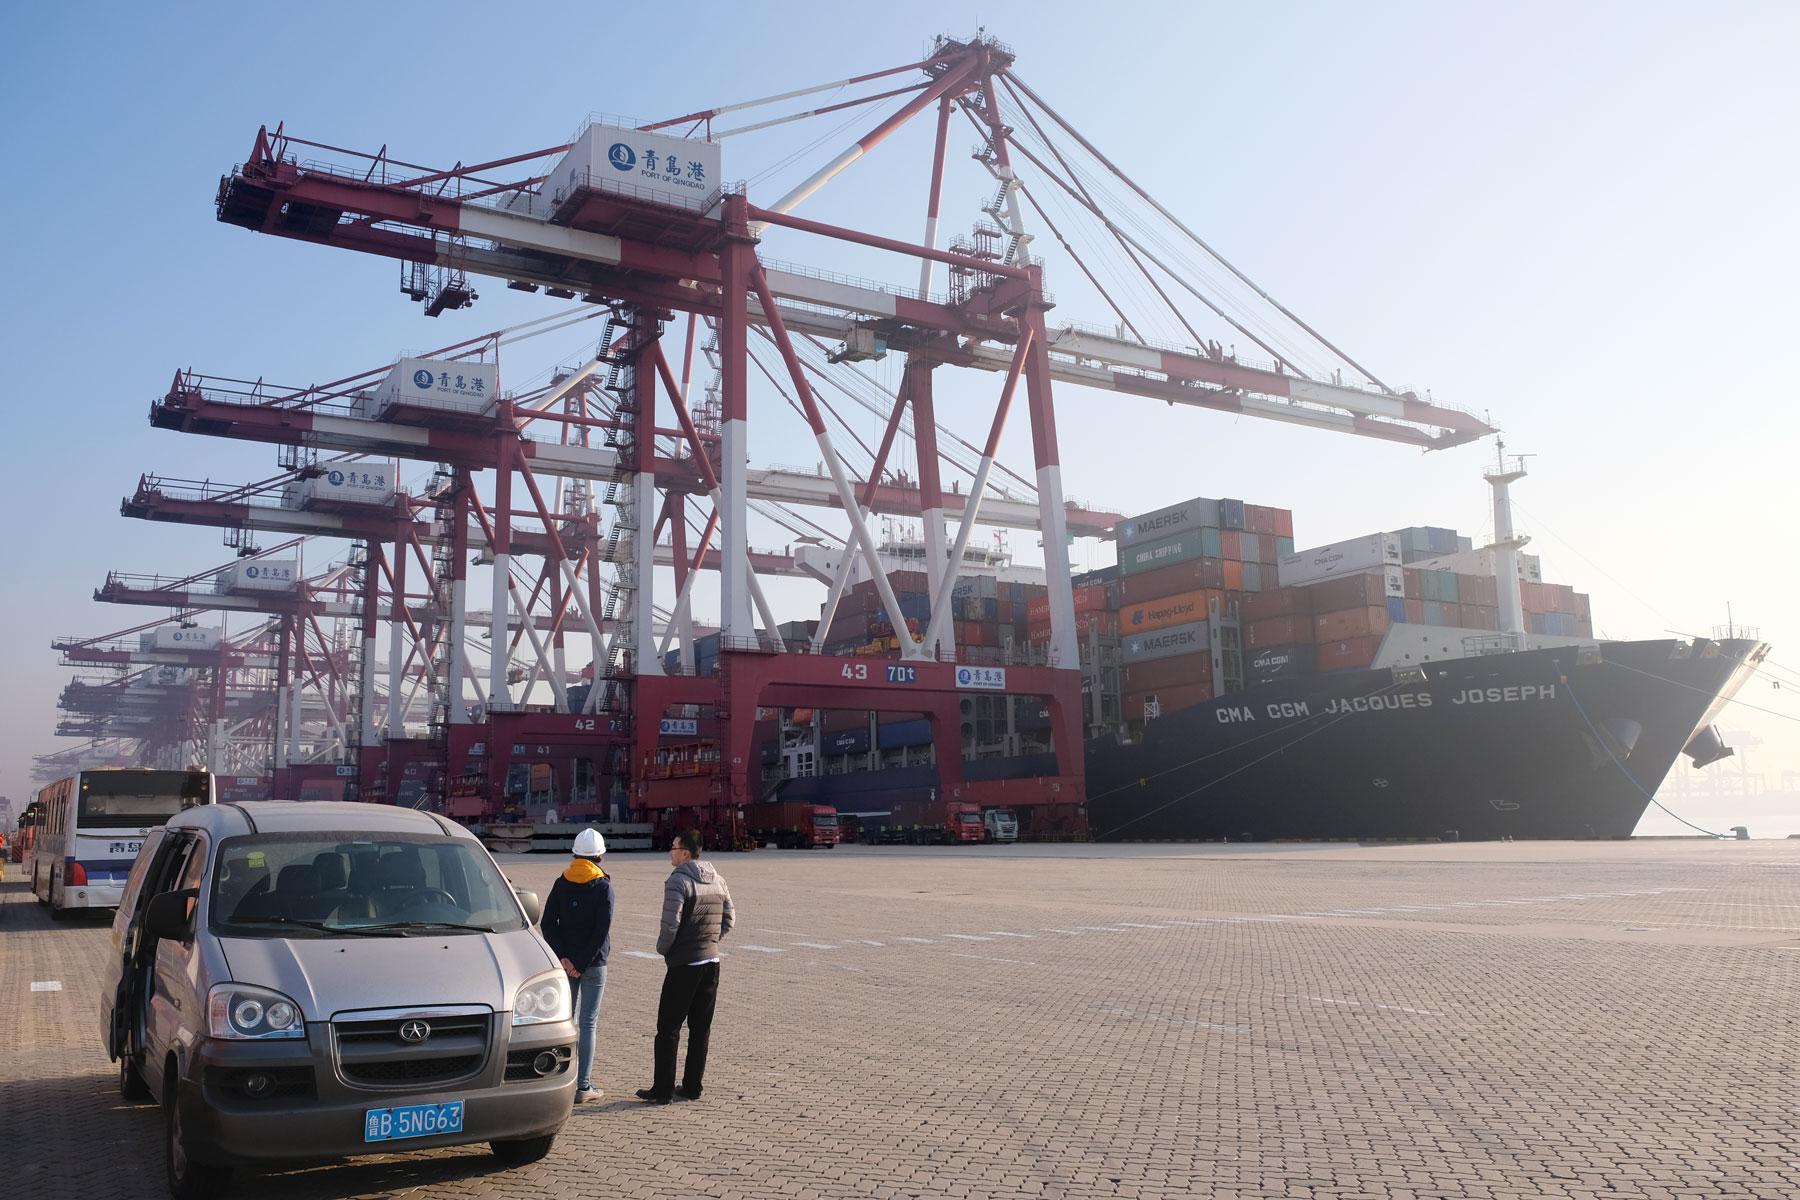 Leo und der Hafenagent stehen vor dem Containerschiff.